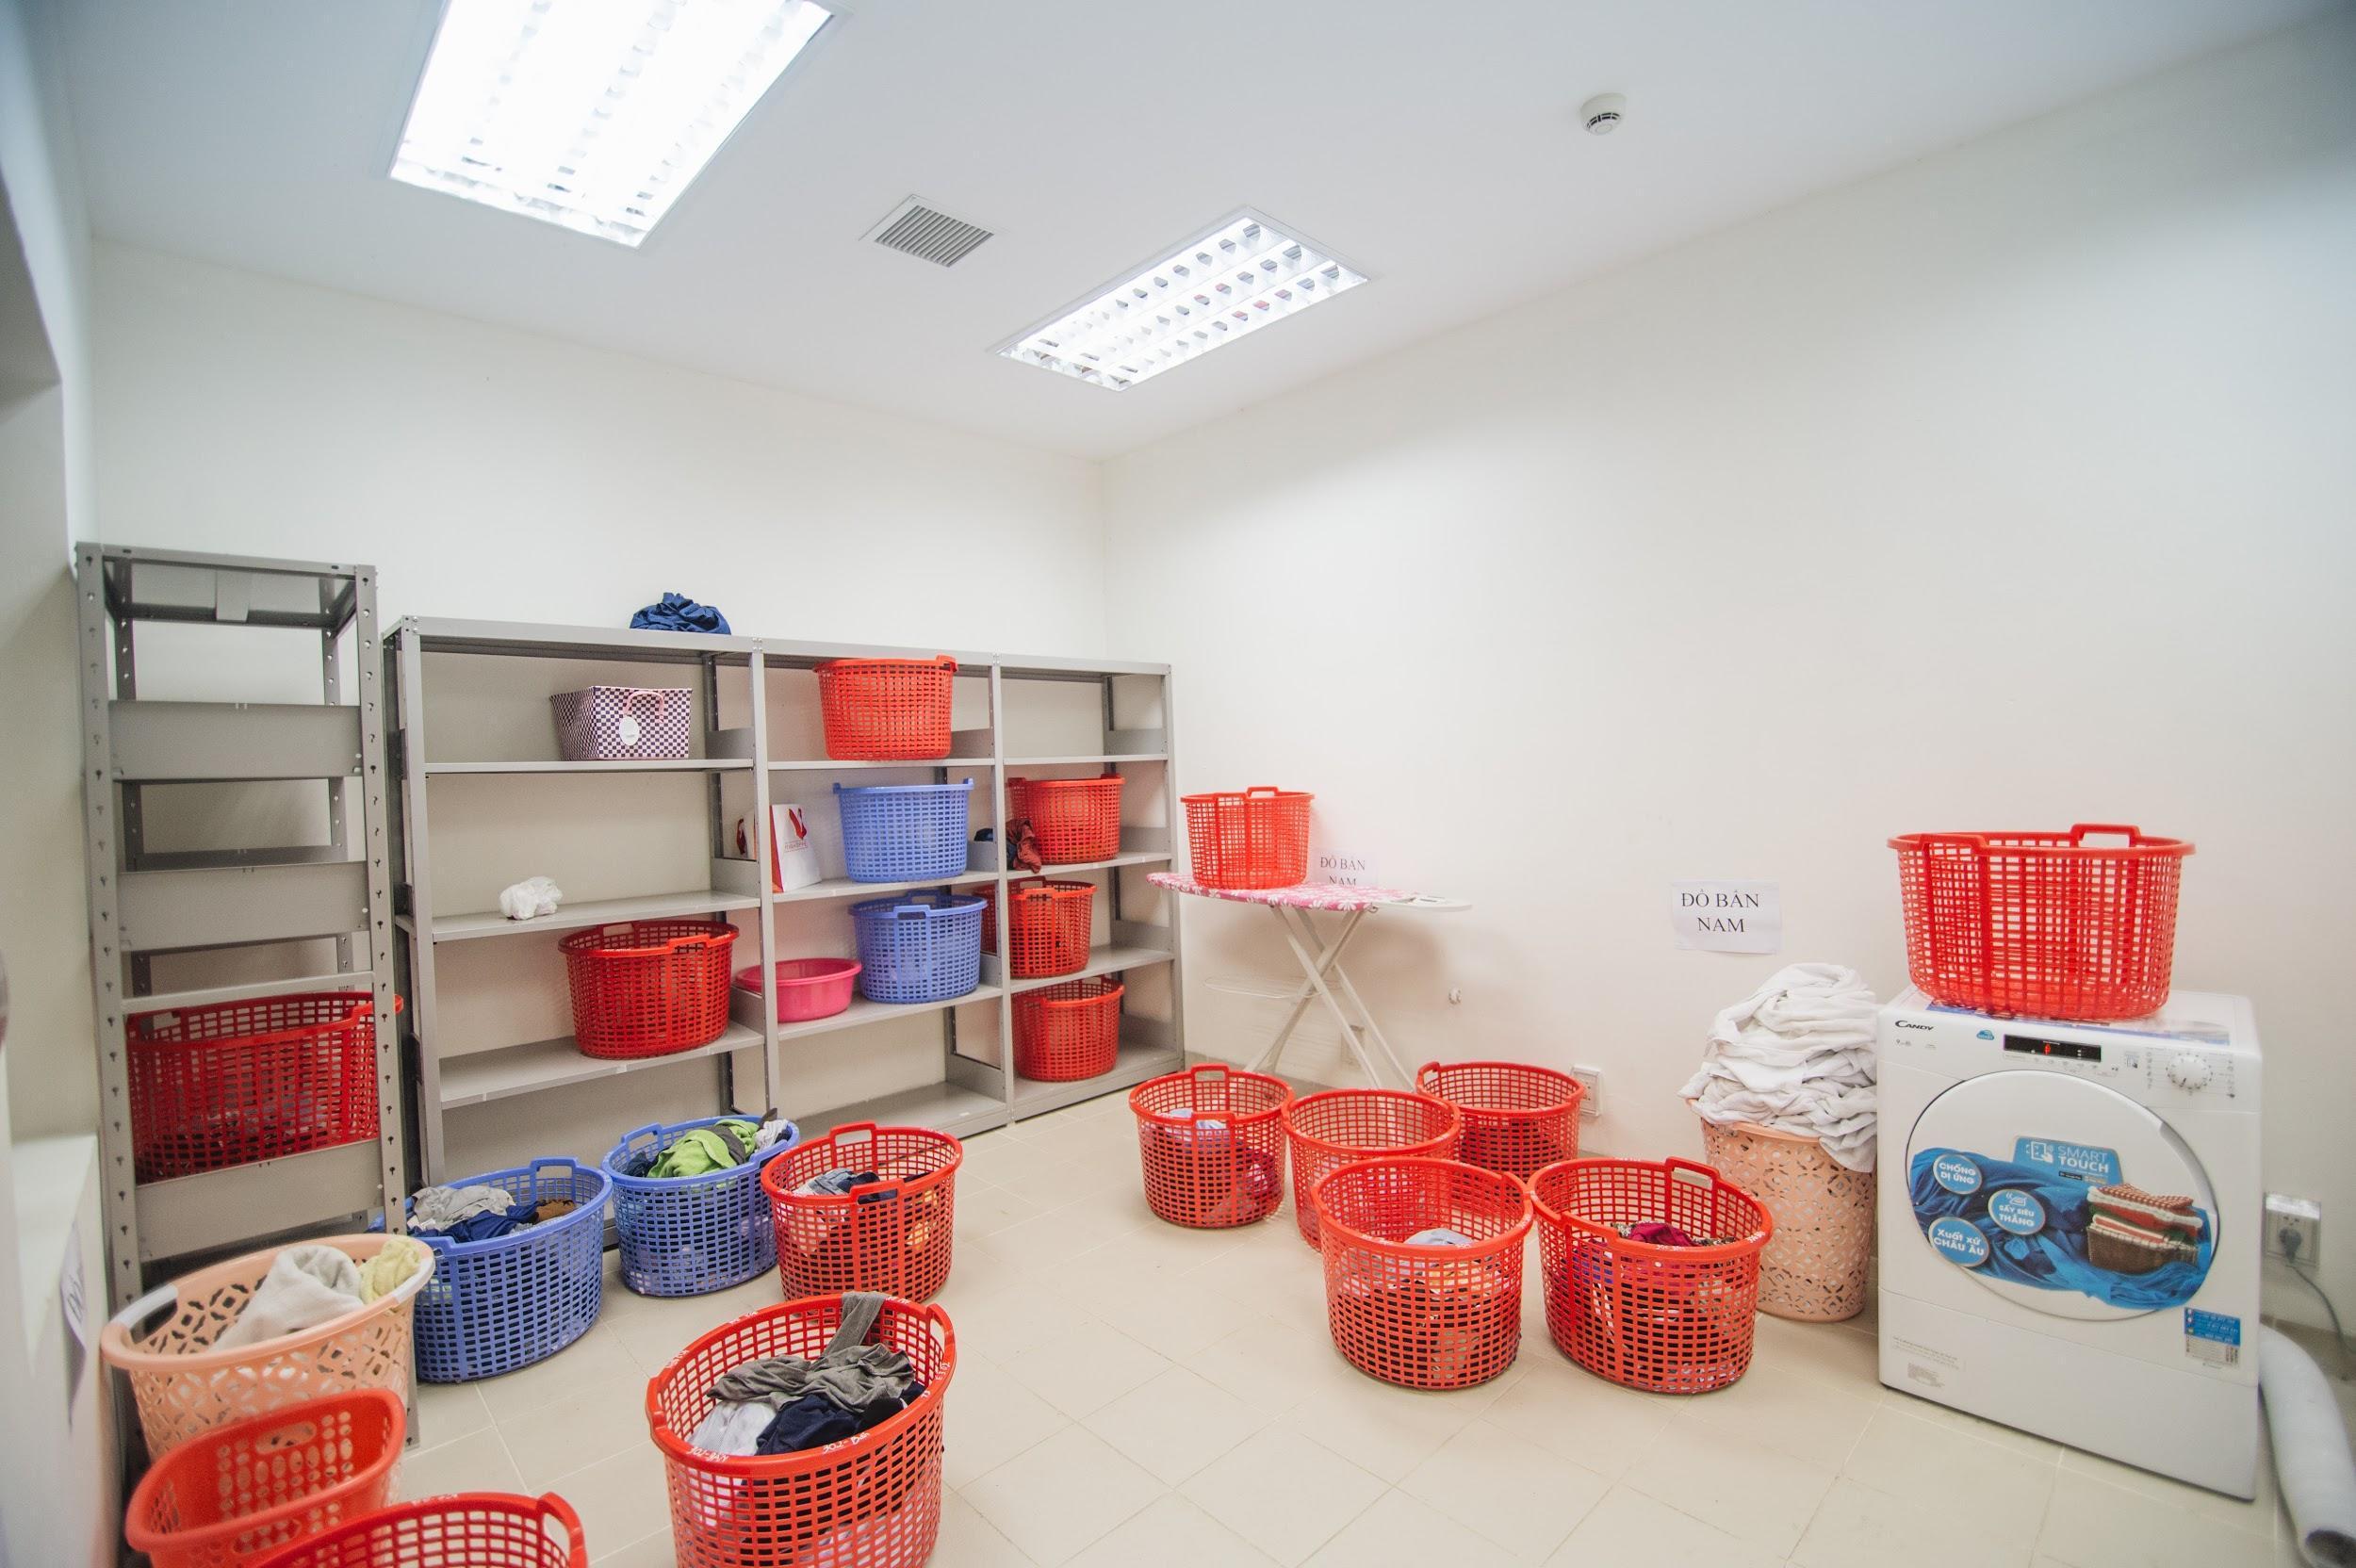 """""""Đột nhập"""" trường nội trú chuẩn quốc tế ở Hà Nội: Học phí nửa tỷ đồng/năm, con đi học một thời gian mà thay đổi 180 độ - Ảnh 24."""